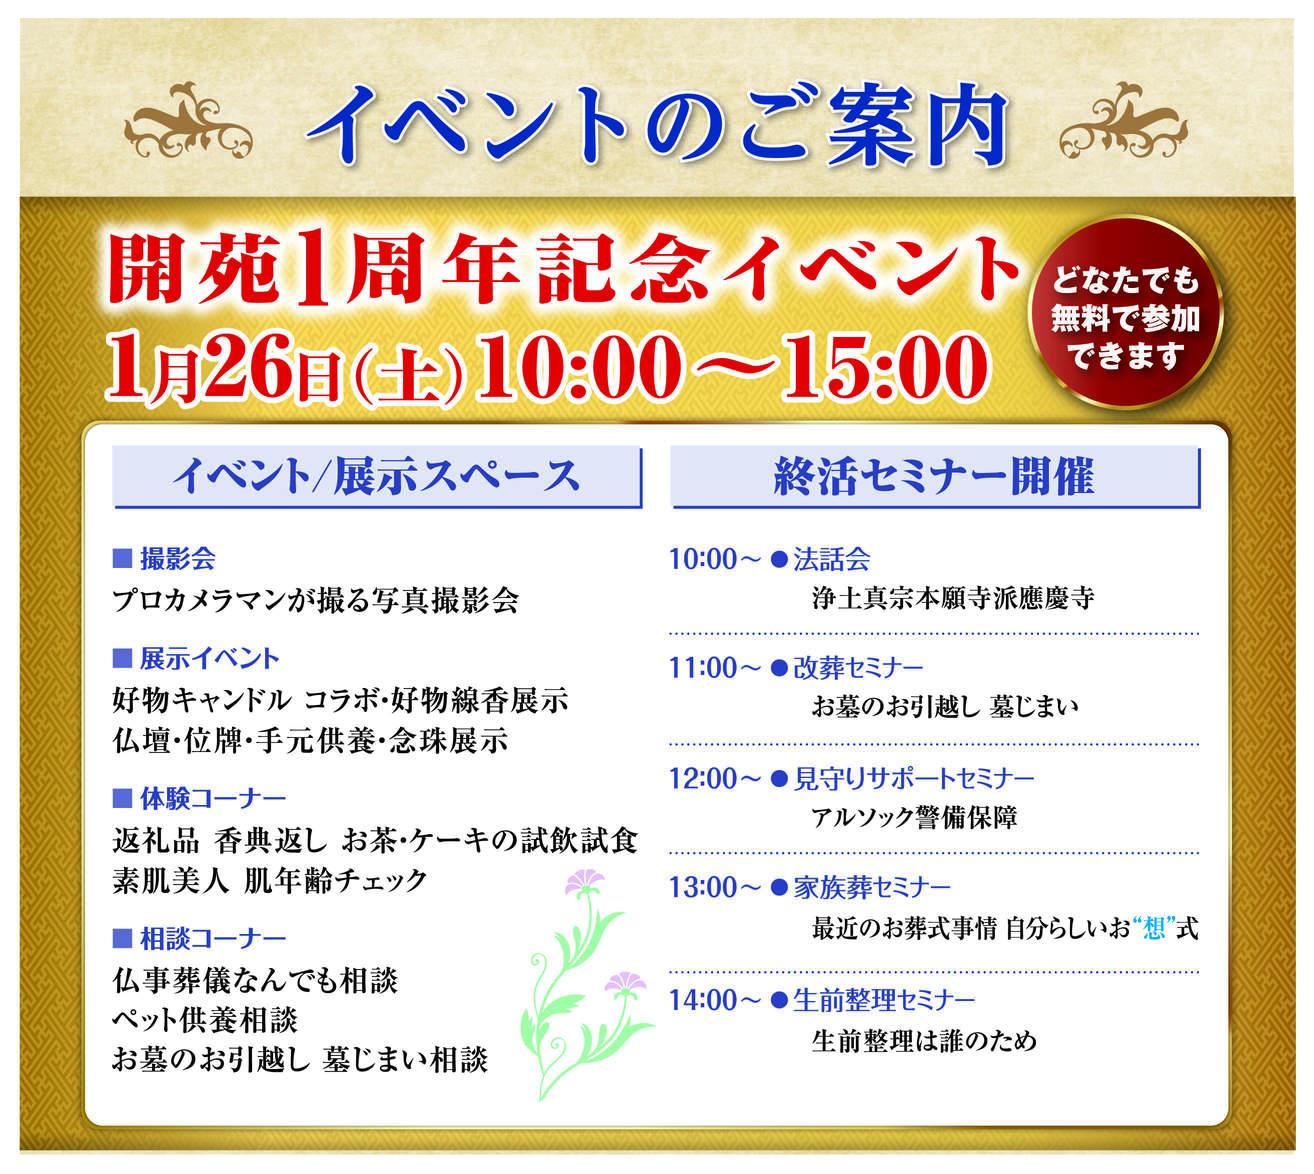 2019年1月26日 目黒御廟開苑1周年記念イベントのお知らせ